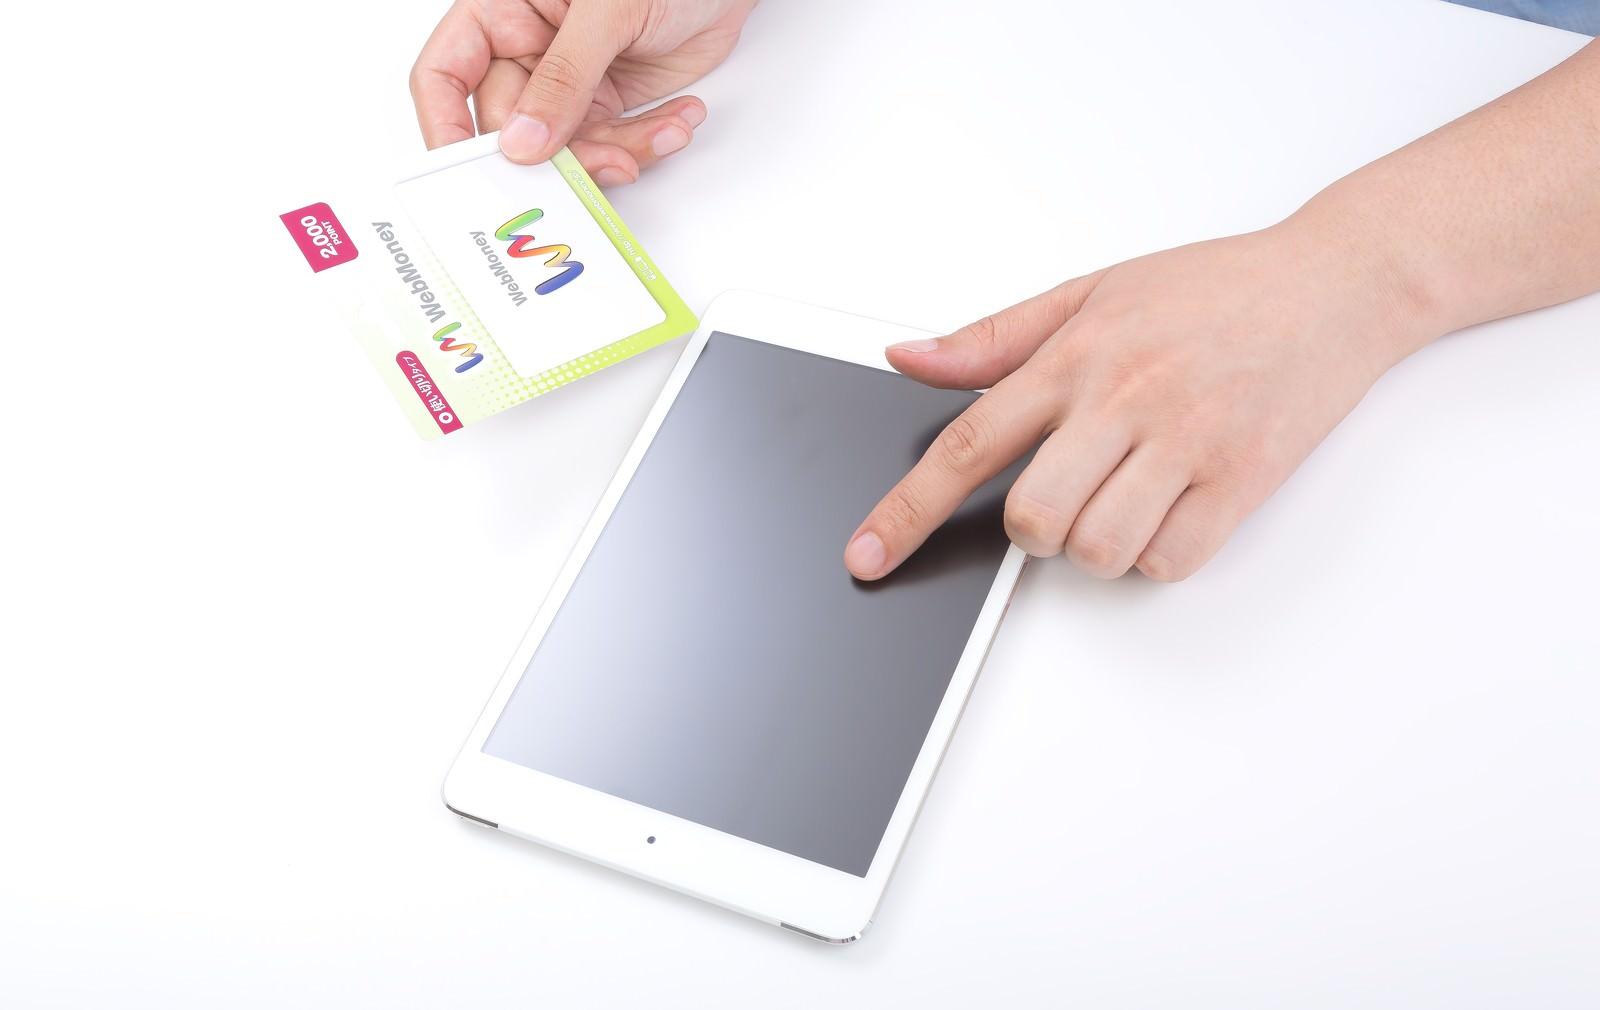 「ウェブマネーとiPad mini」の写真